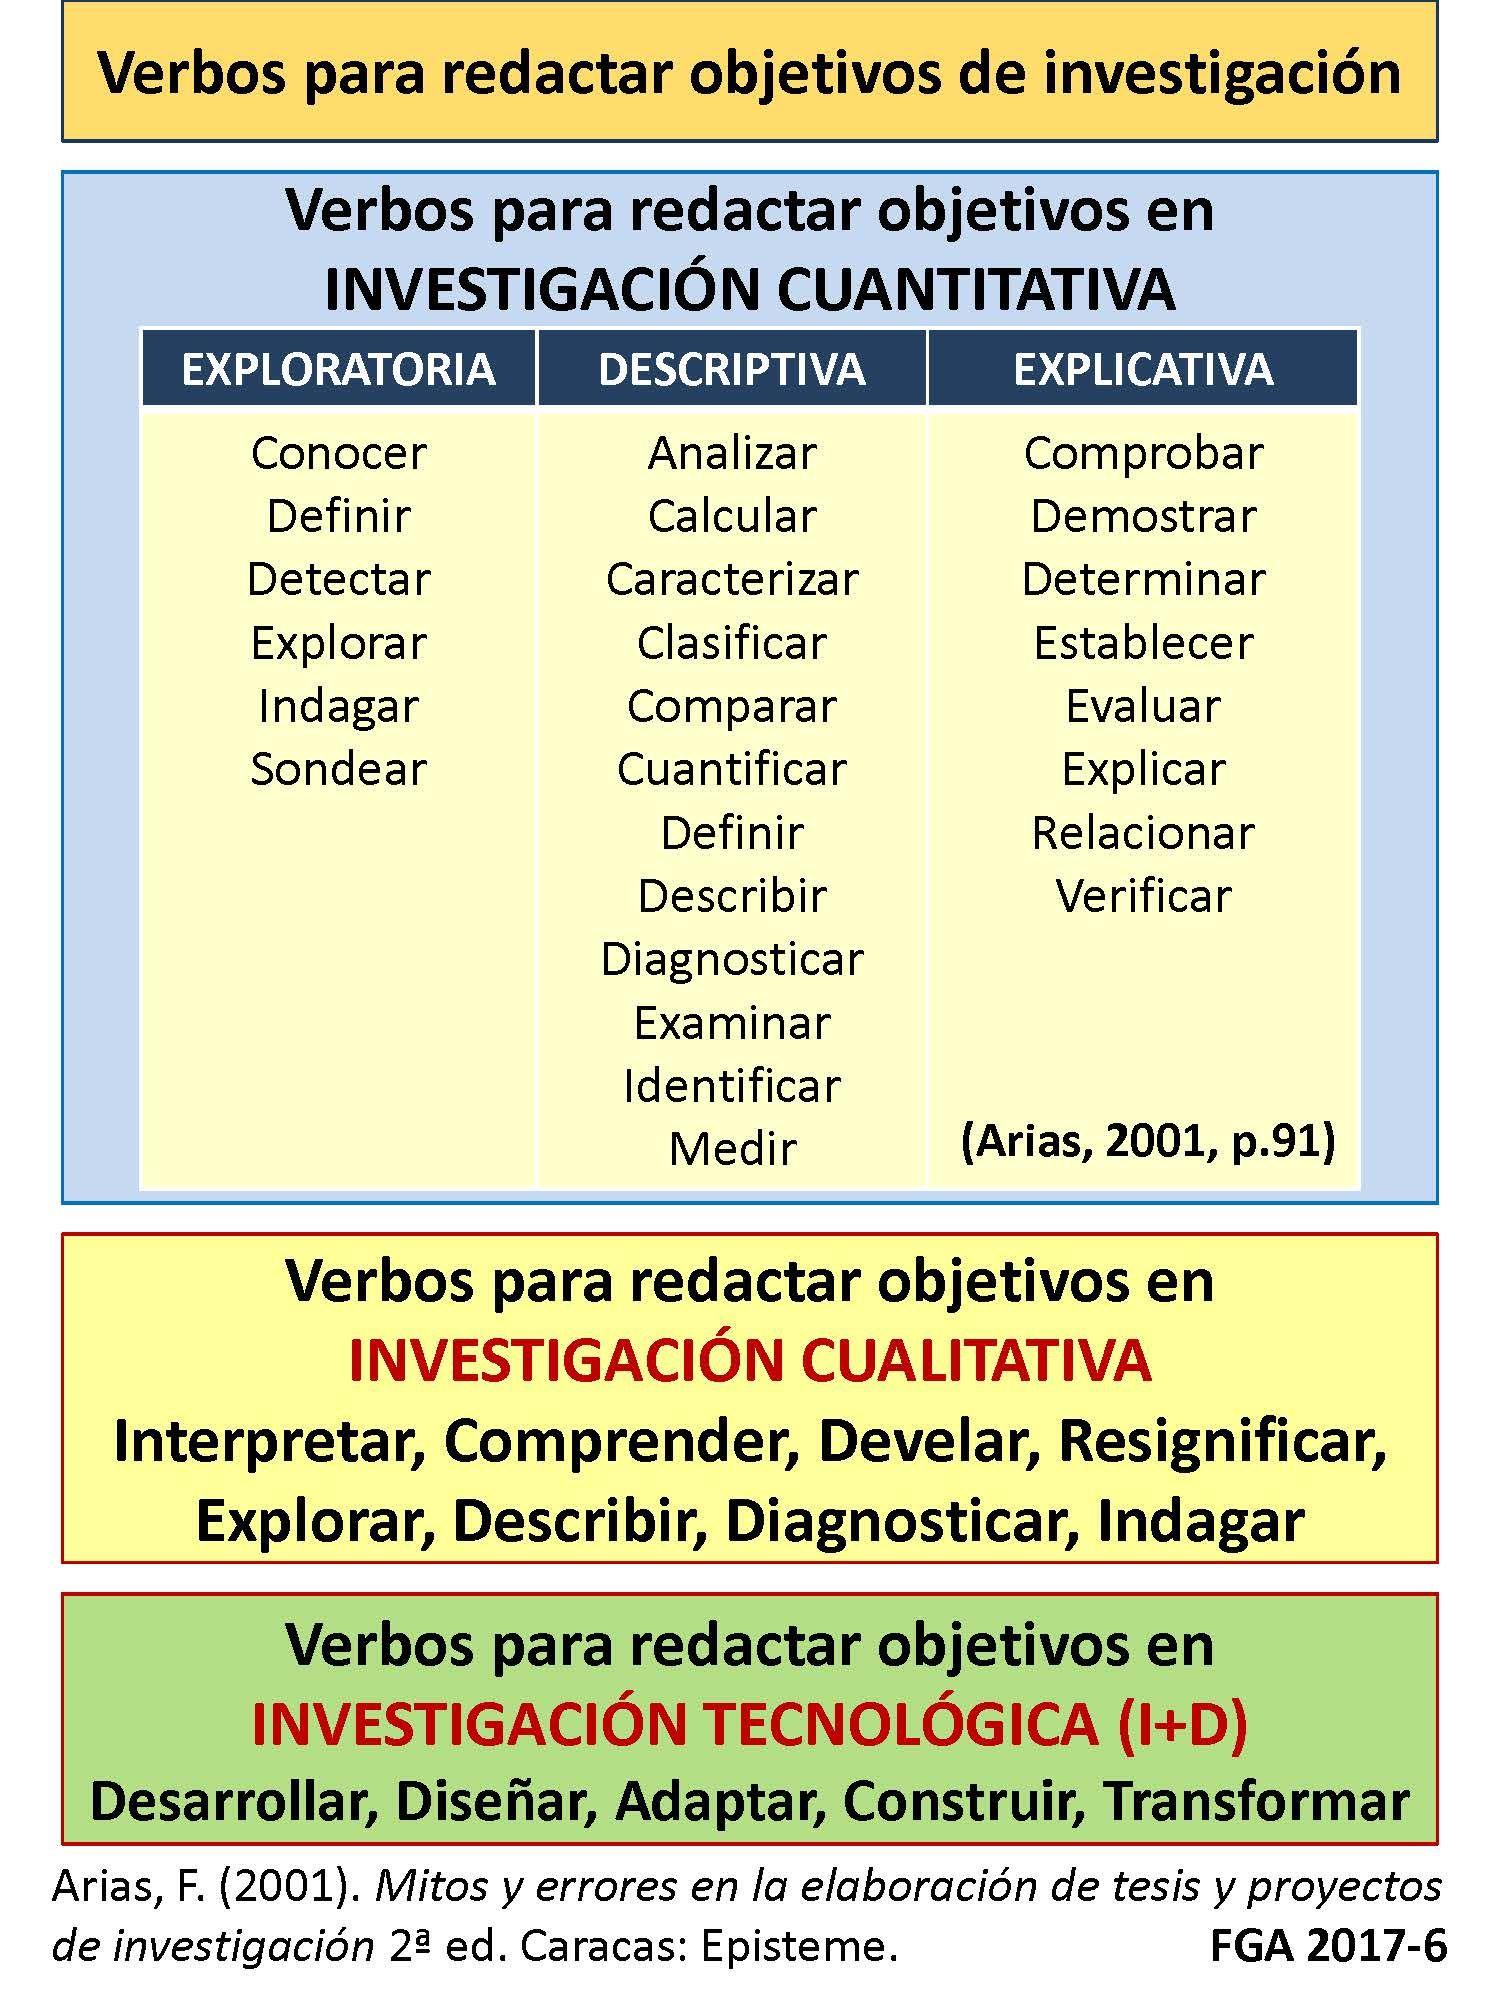 Lista de verbos para redactar objetivos de investigaciones ...